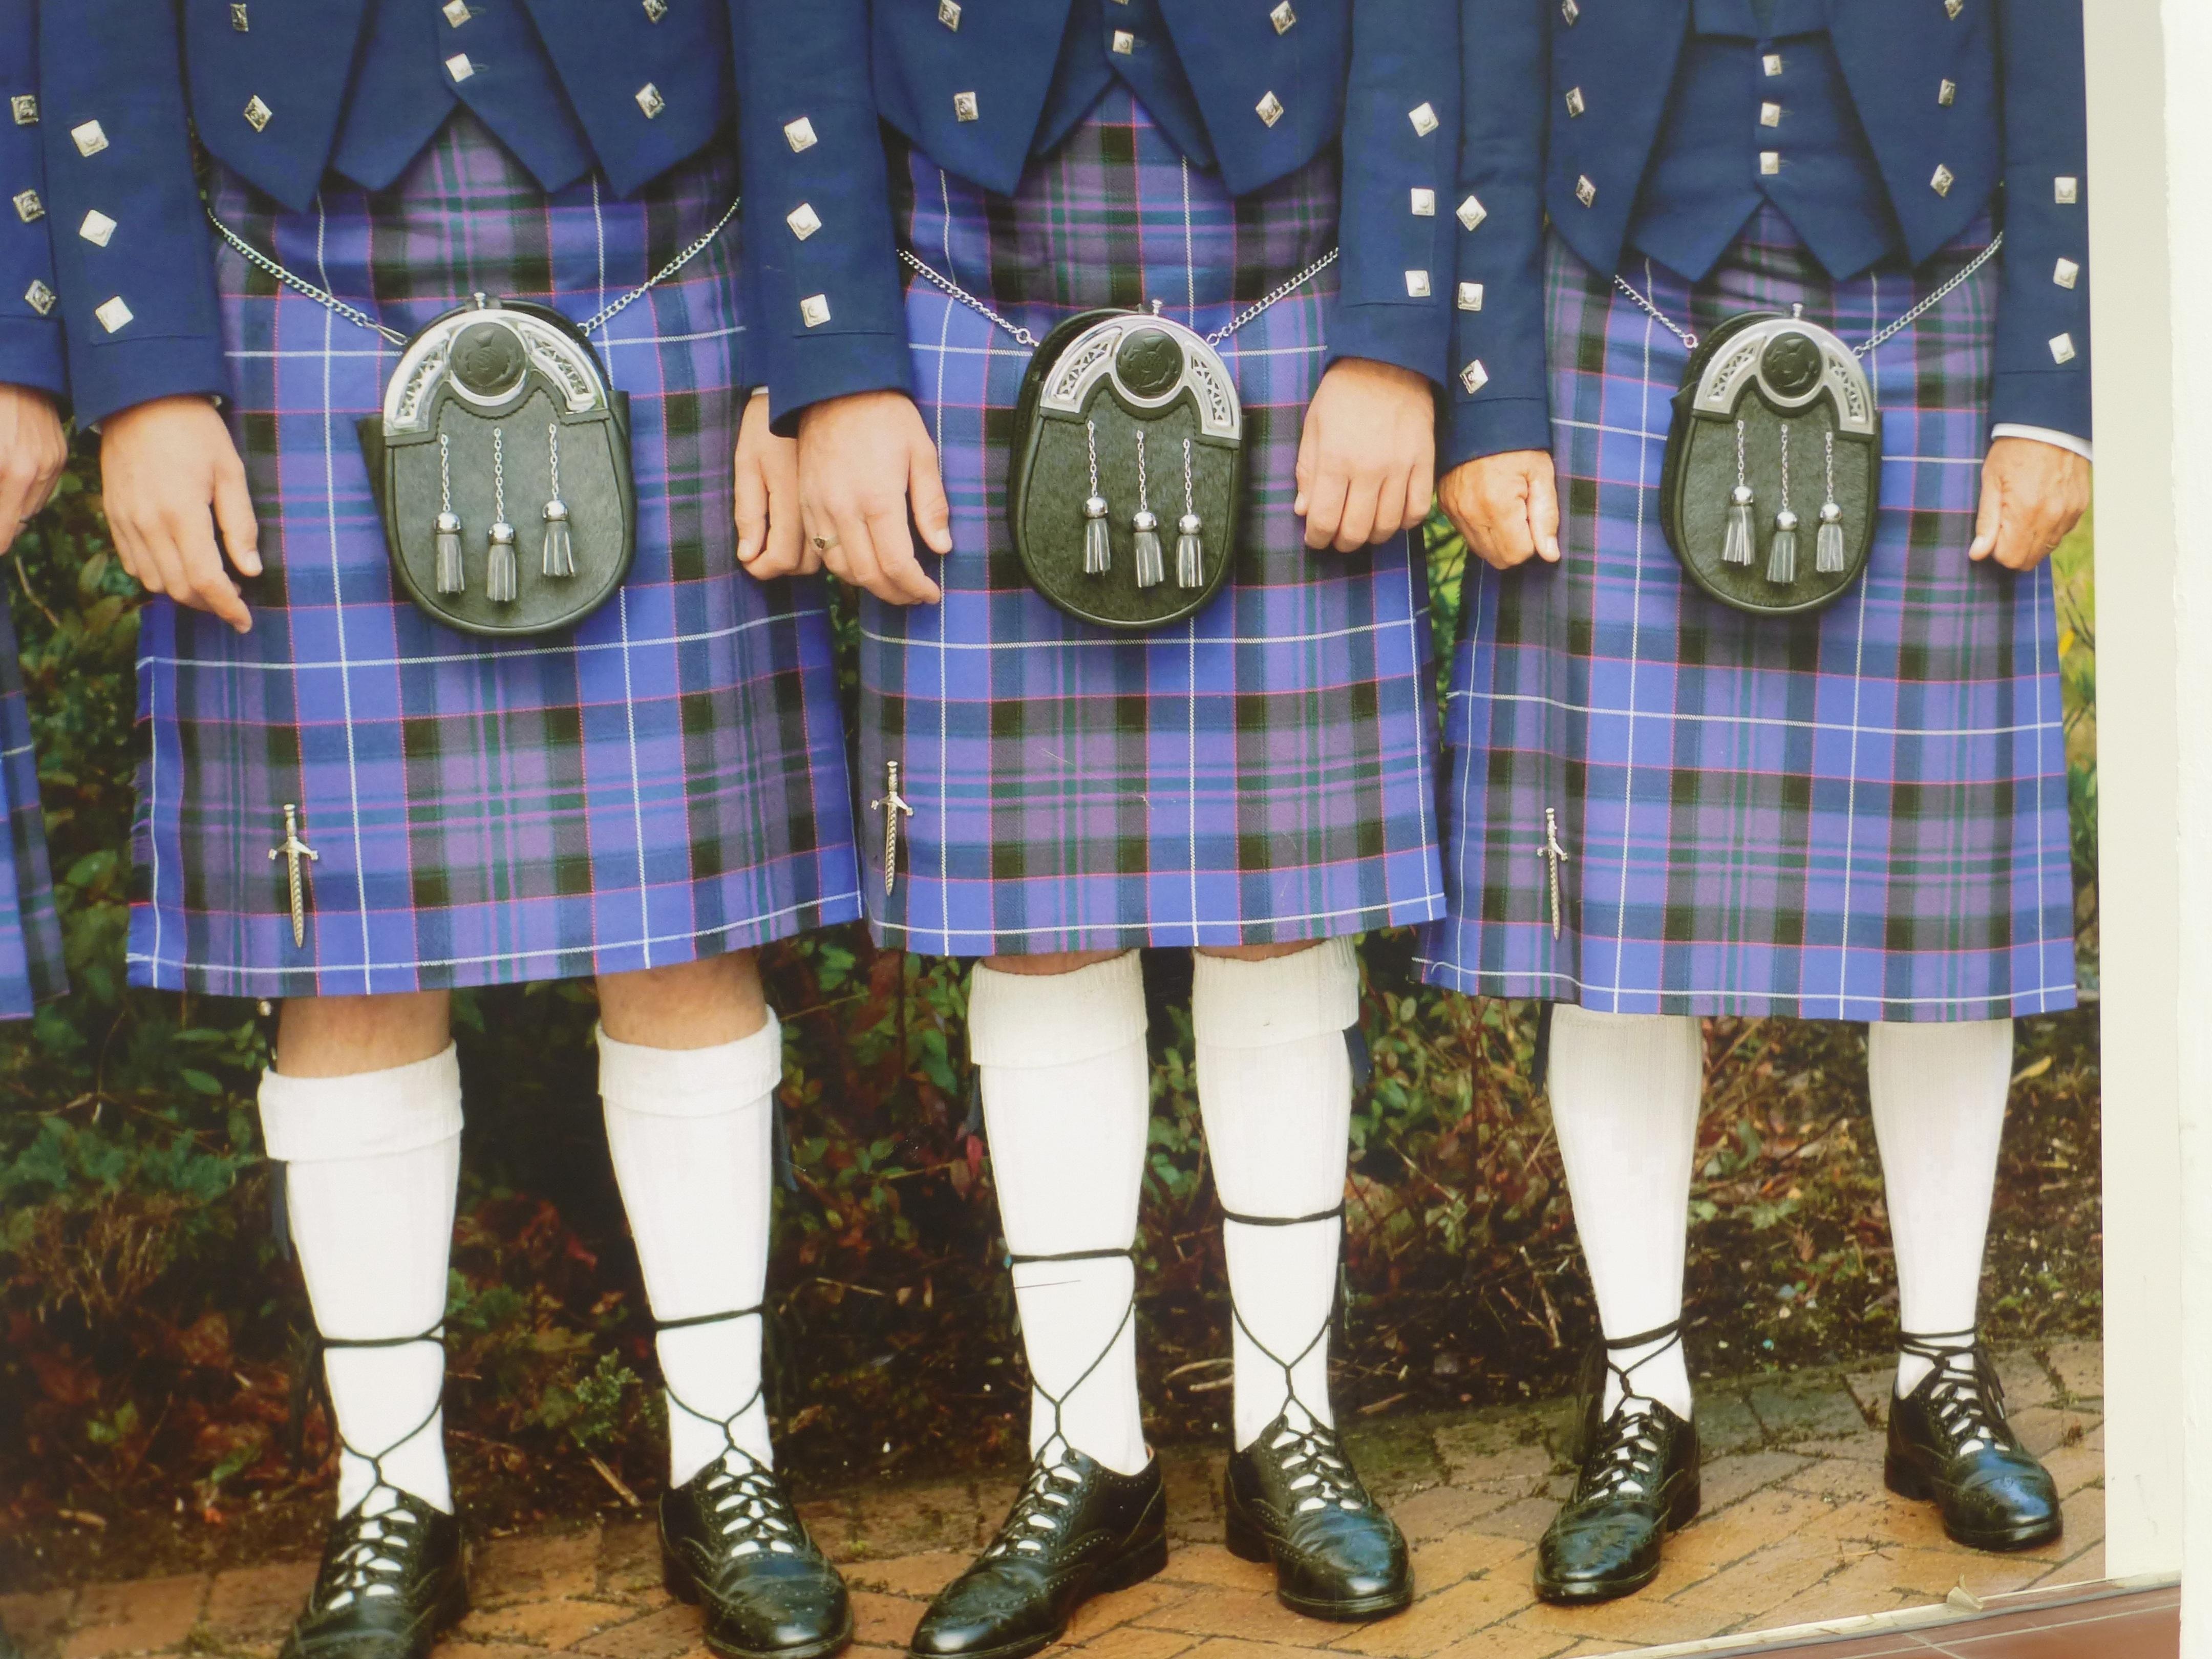 56a9d01b2c patrón ropa tartán textil diseño calzado ropa de caballero Escocia falda  escocés falda escocesa tartán Kilts